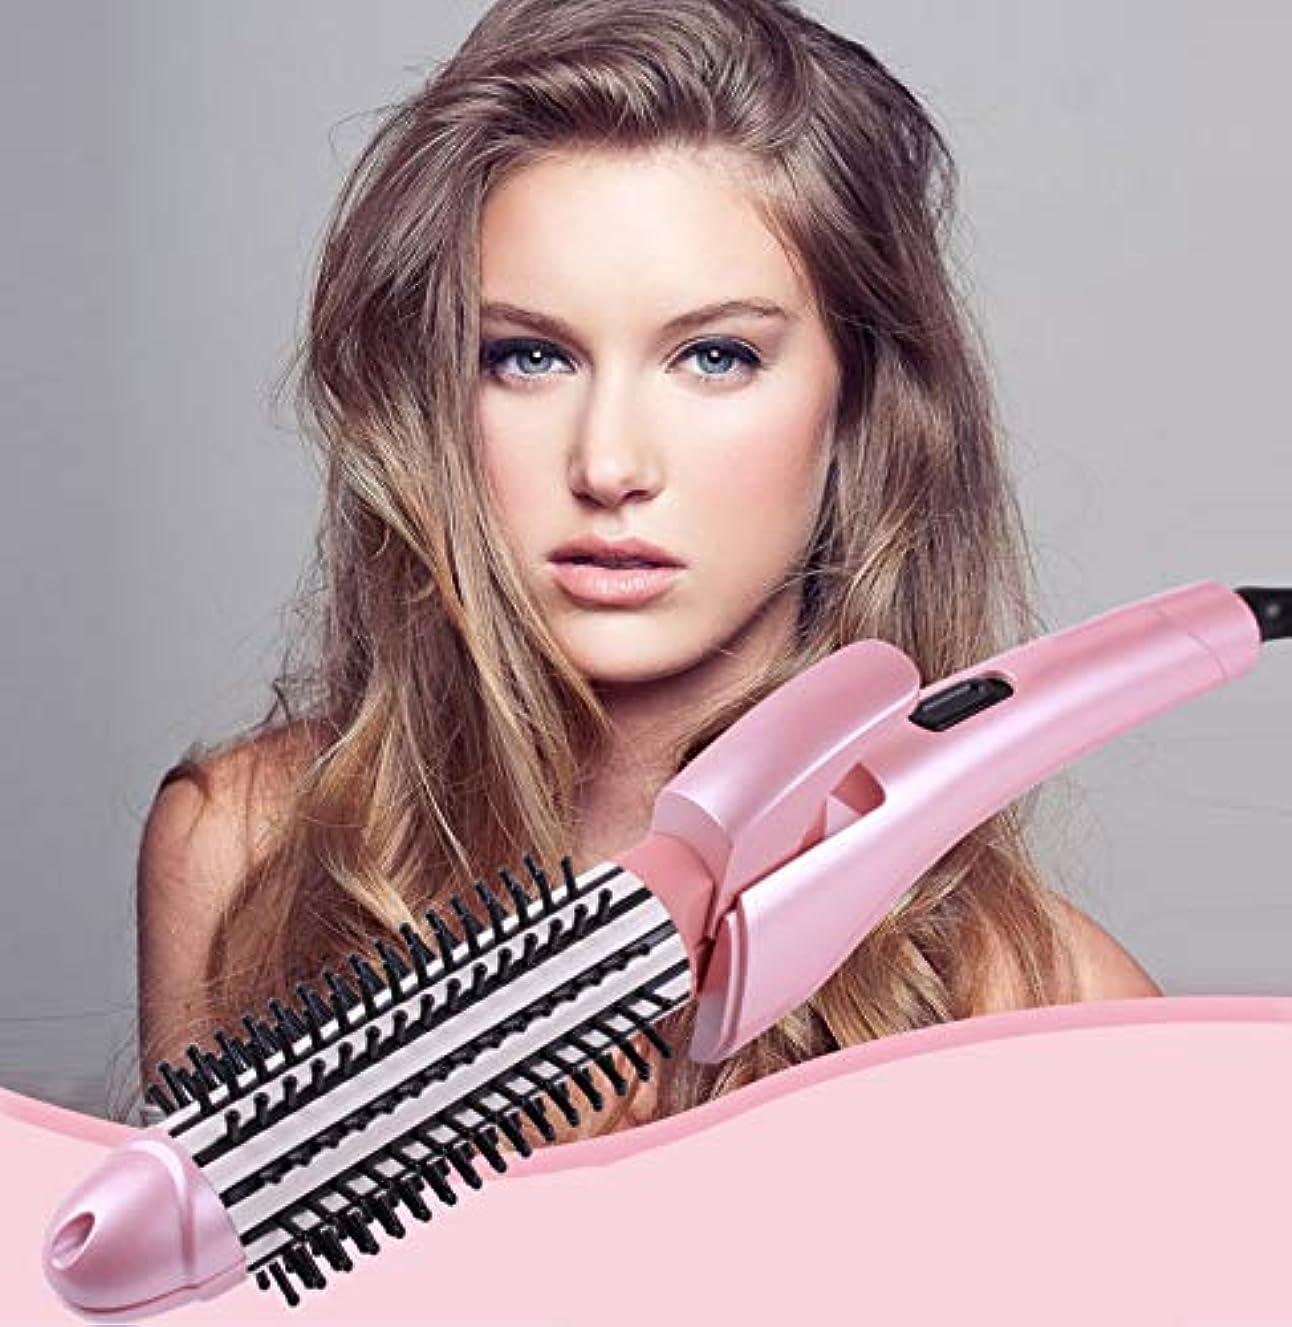 十分な湿気の多い欲望折りたたみ調整ミニポータブルベルト2 in 1巻き毛くしストレートヘアスティック(ピンク)